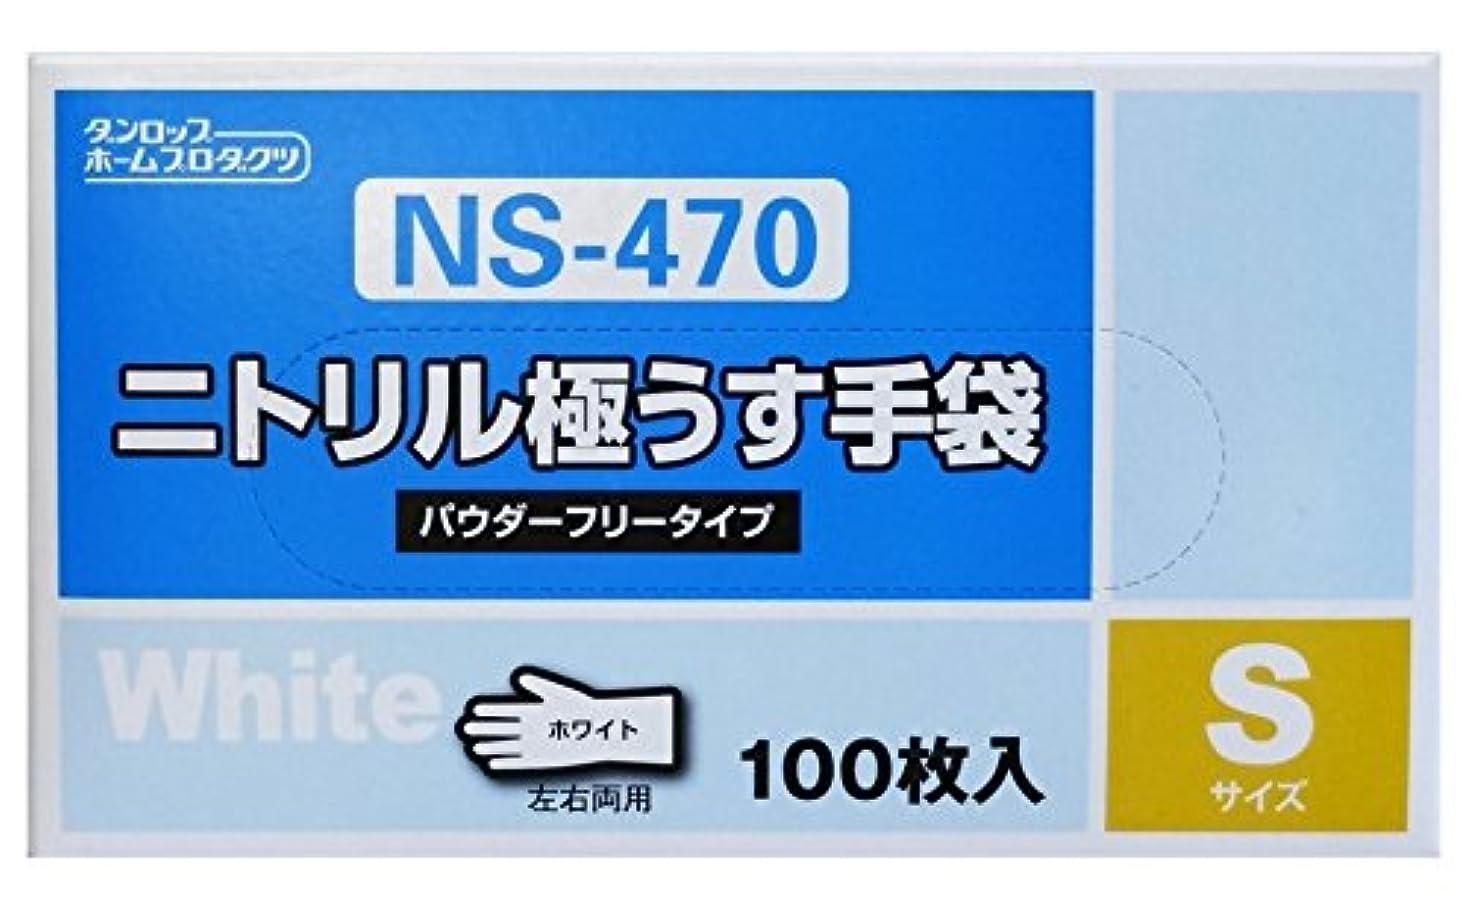 ボーナス疑問に思うクラッチダンロップホームプロダクツ 粉なしニトリル極うす手袋 Sサイズ ホワイト 100枚入 NS-470